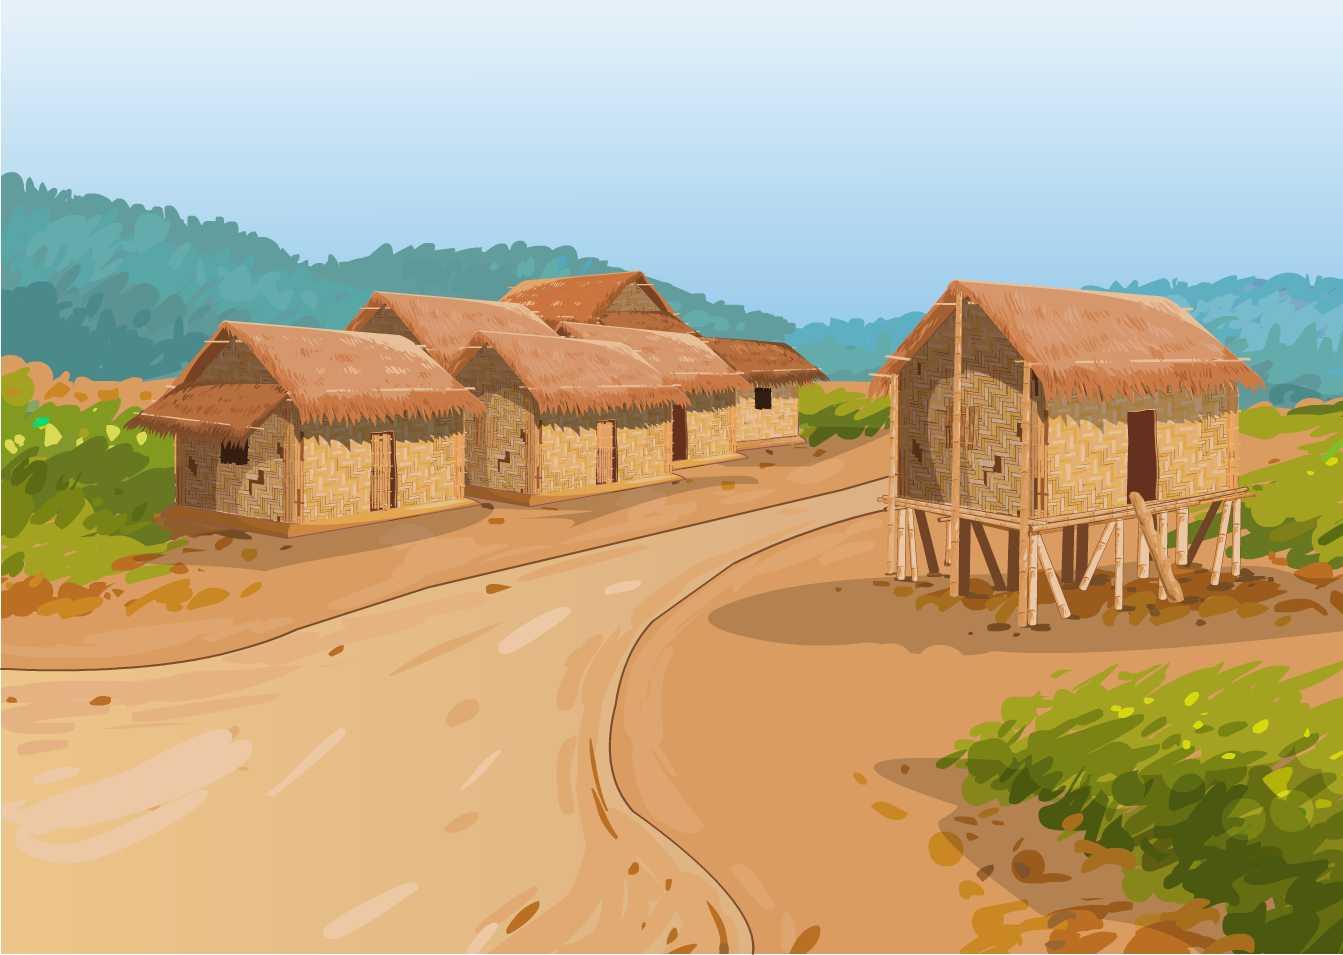 Village background clipart.